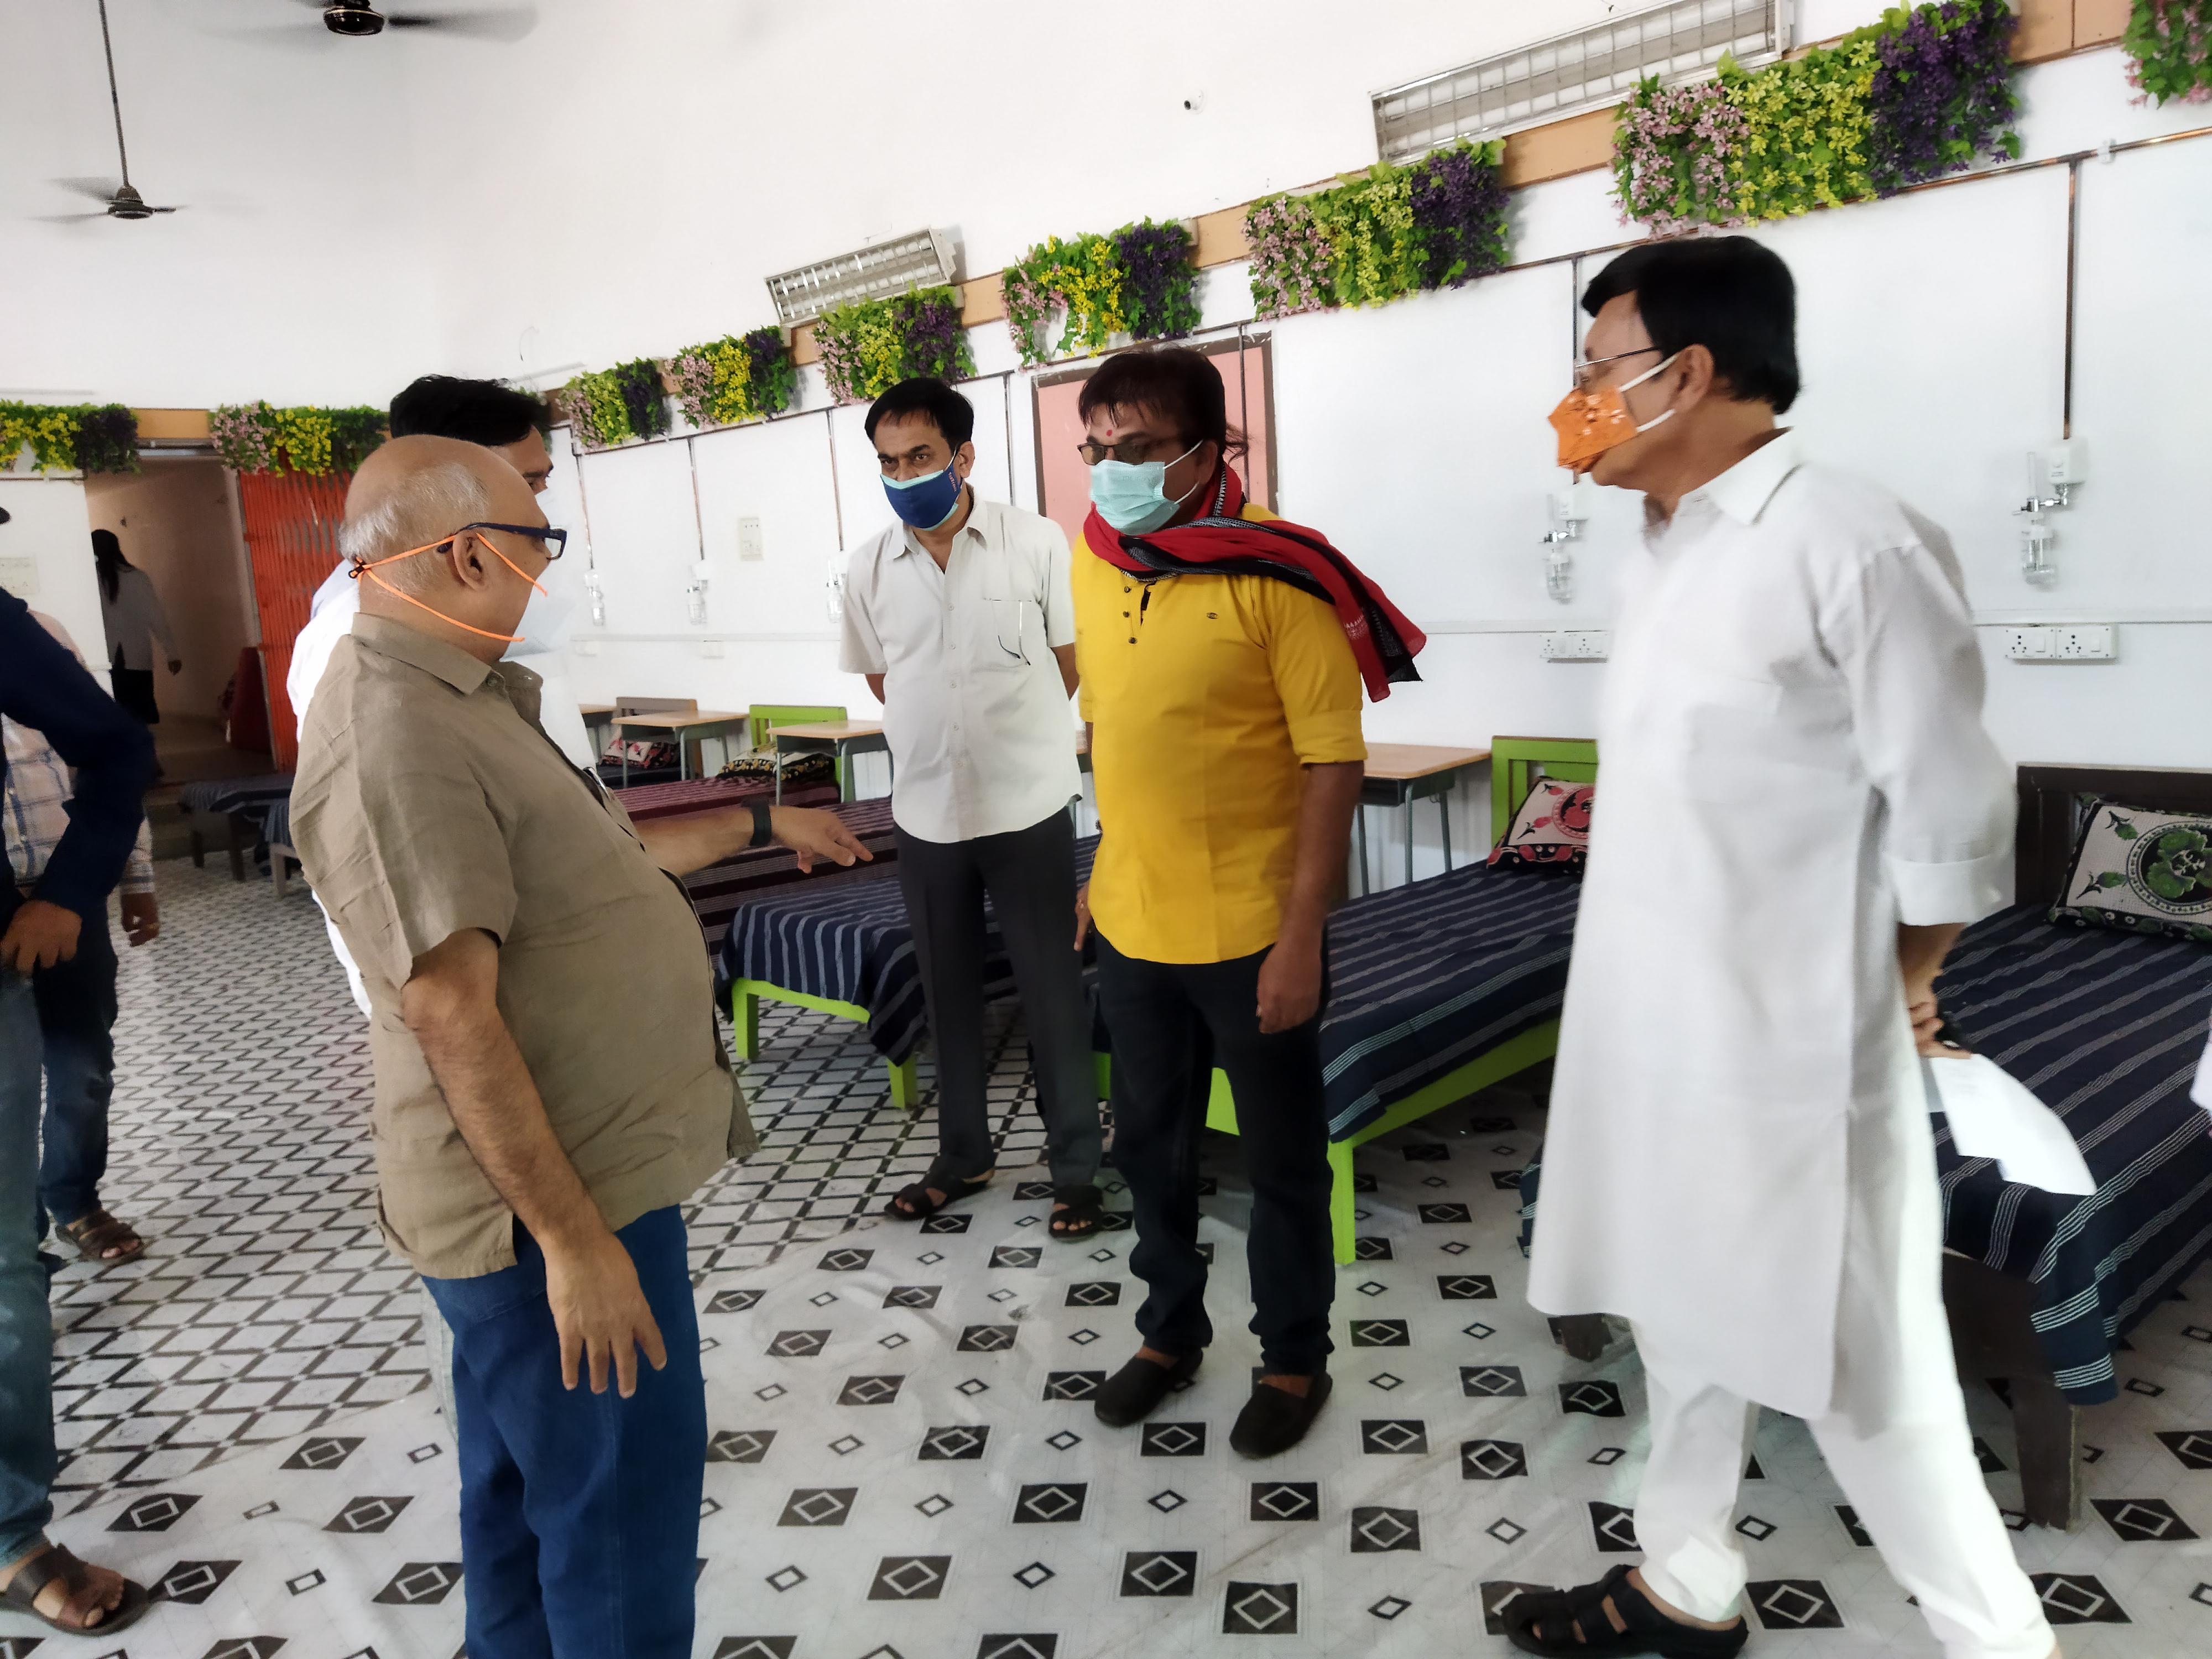 14 मई से मरीजों को करेंगे भर्ती, नि:शुल्क इलाज, भोजन सब कुछ नि:शुल्क, 20 ऑक्सीजन व 30 सामान्य तैयार होशंगाबाद,Hoshangabad - Dainik Bhaskar